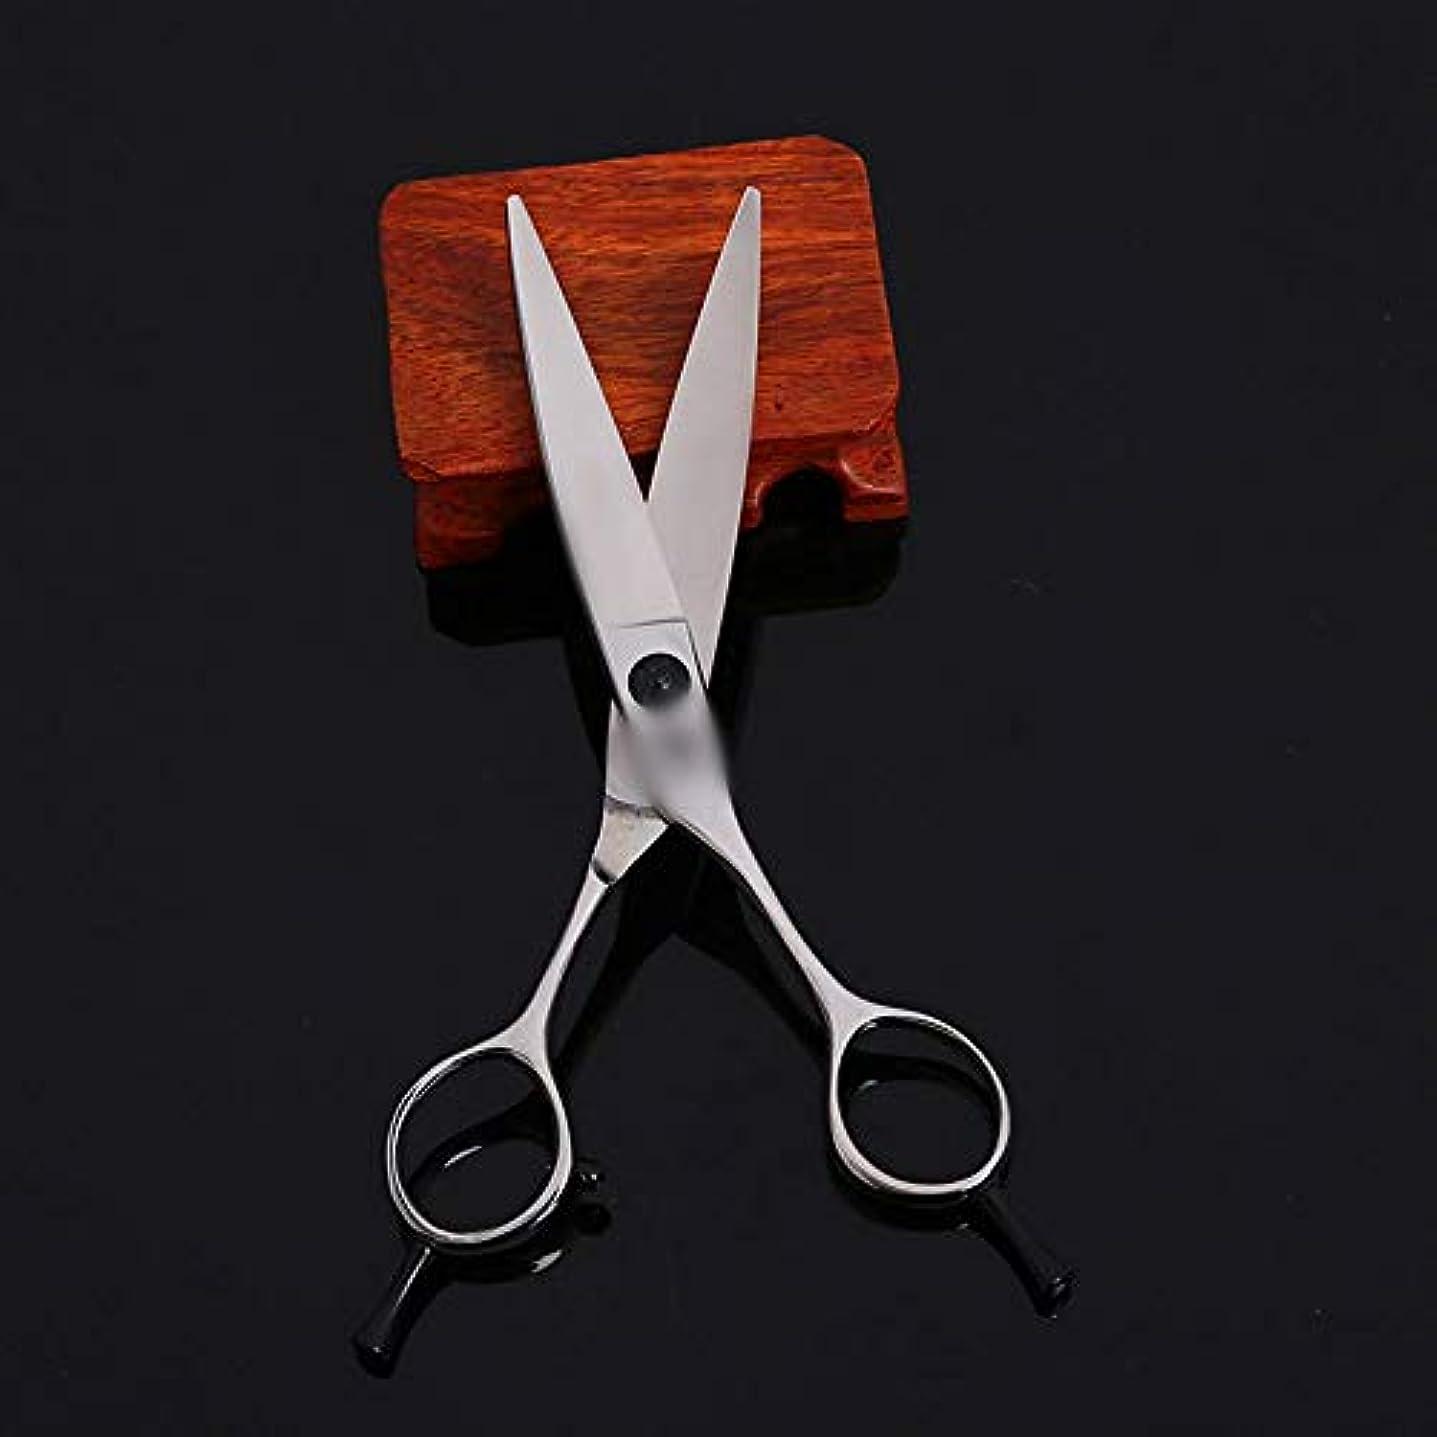 生理習字マットBOBIDYEE 6インチ美容院プロフェッショナル理髪サロンはさみハイエンド理髪ツールカーリングはさみヘアカットはさみステンレス理髪はさみ (色 : Silver)